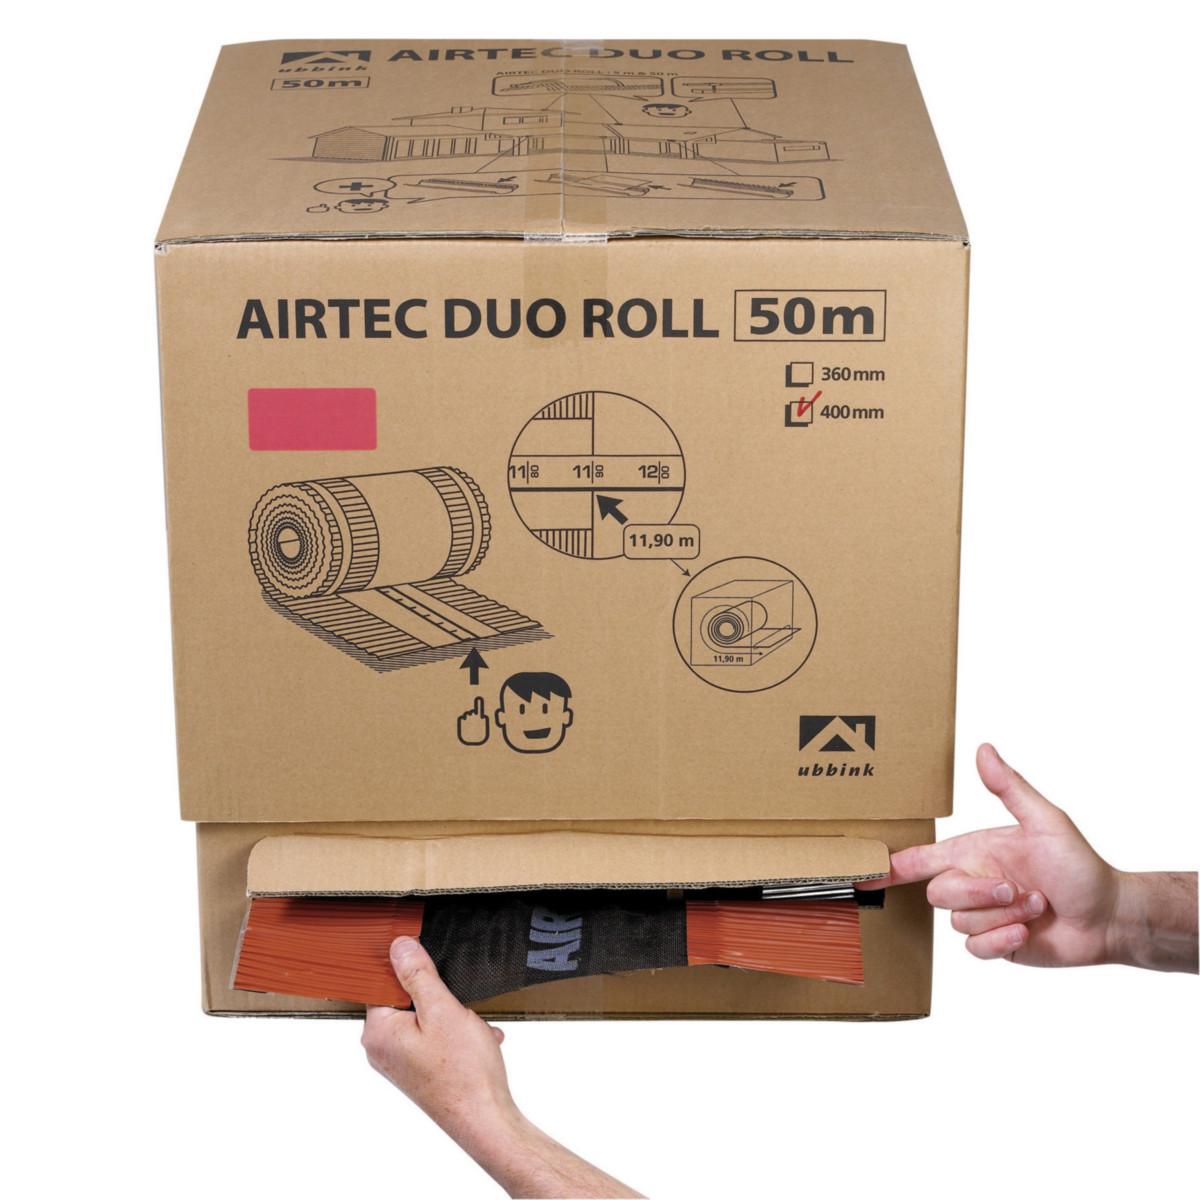 Closoir de faîtage Airtec Duo Roll UBBINK - ocre - 50 m x 400 mm en carton dérouleur - 203780